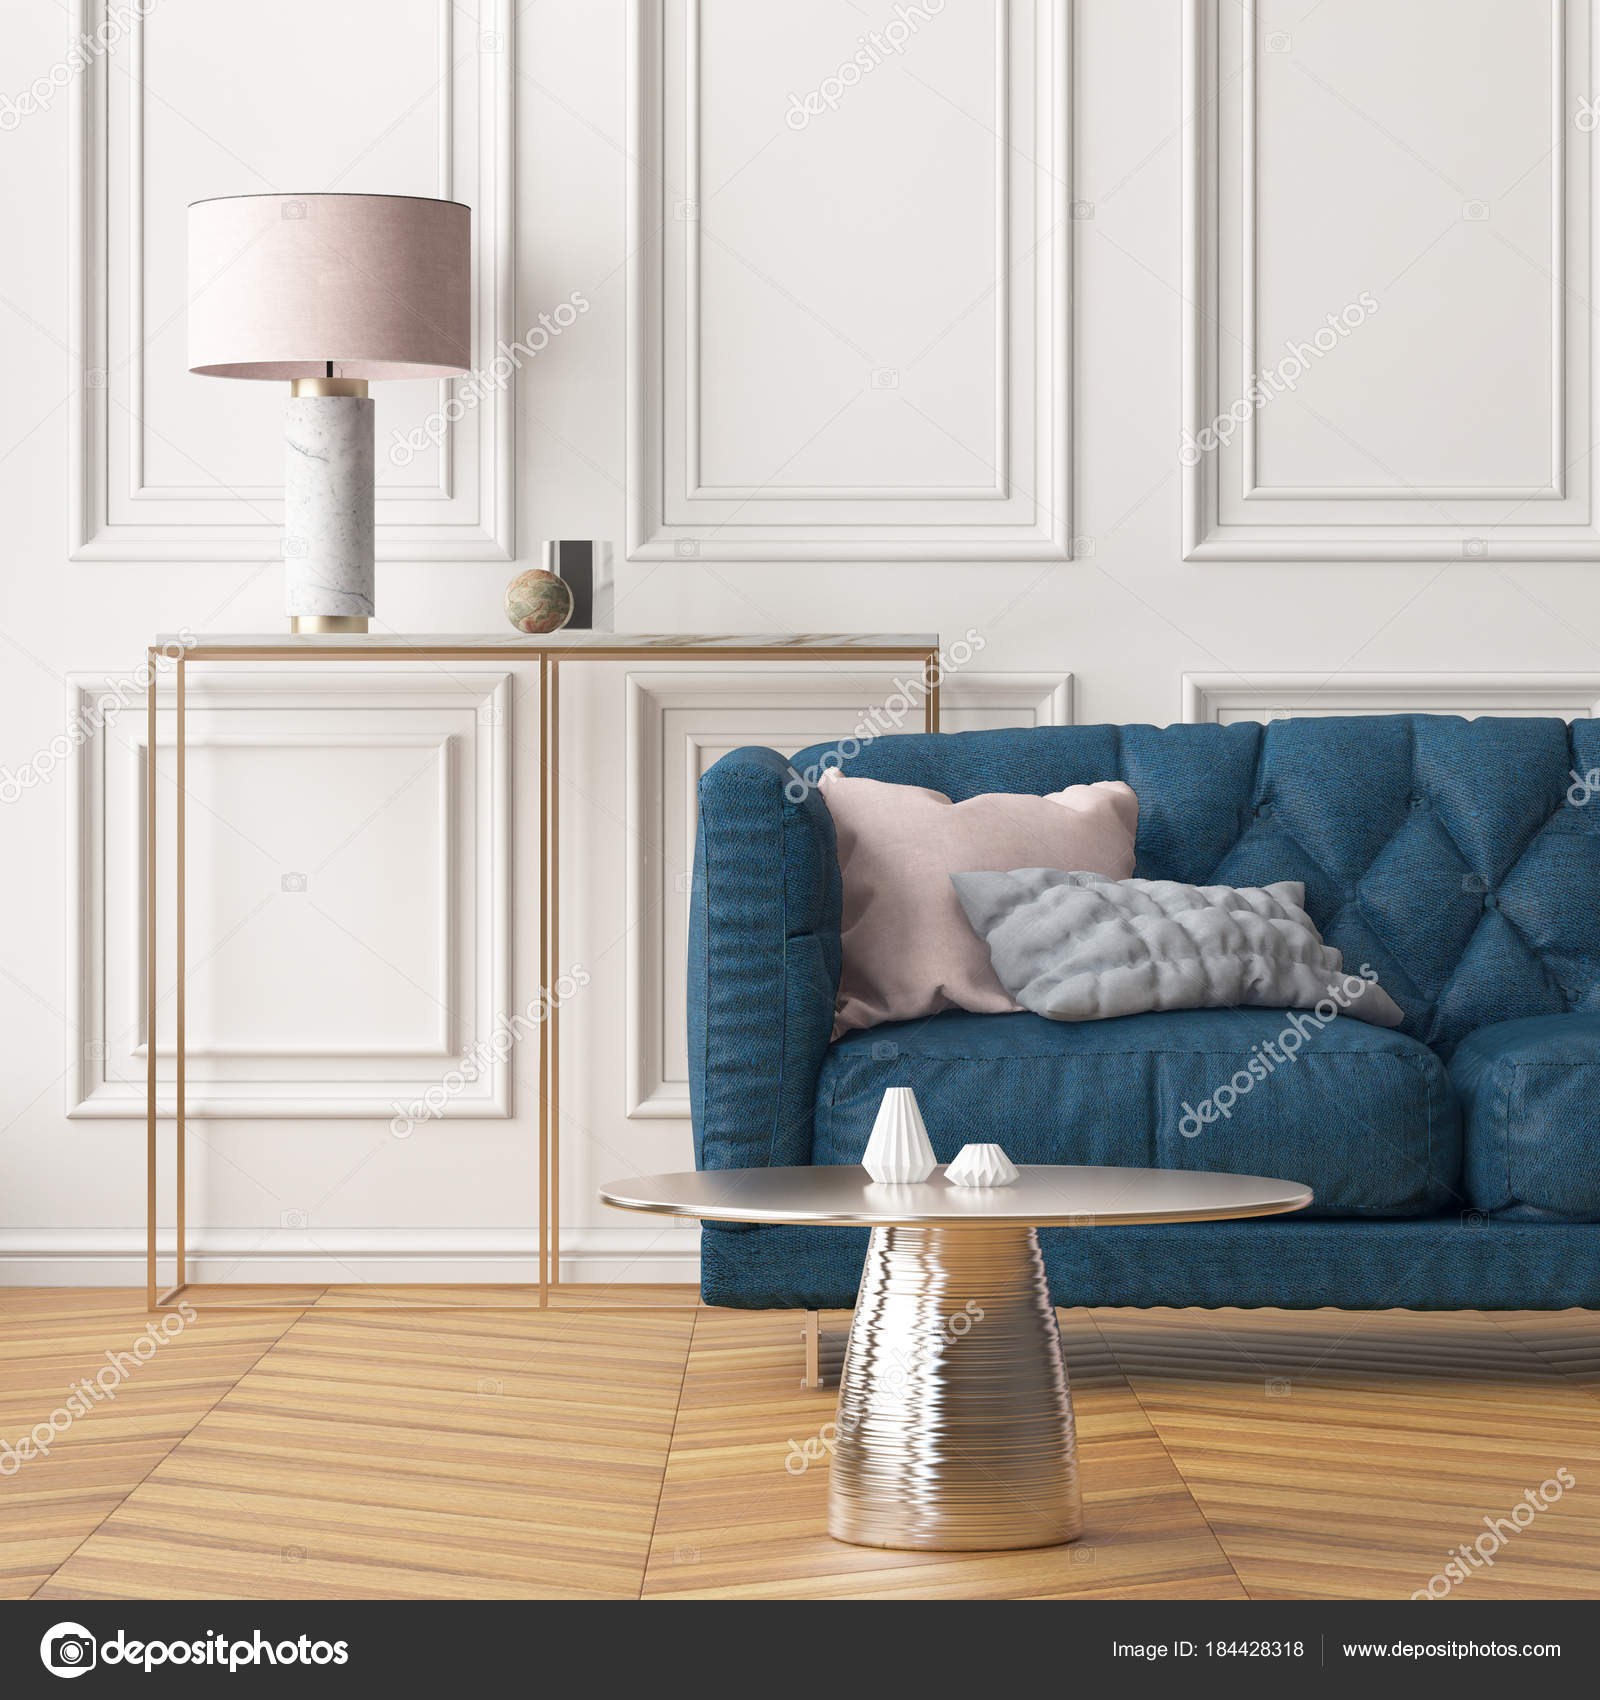 Decoration Moderne Salon Avec Canape Bleu Fonce Mur Blanc